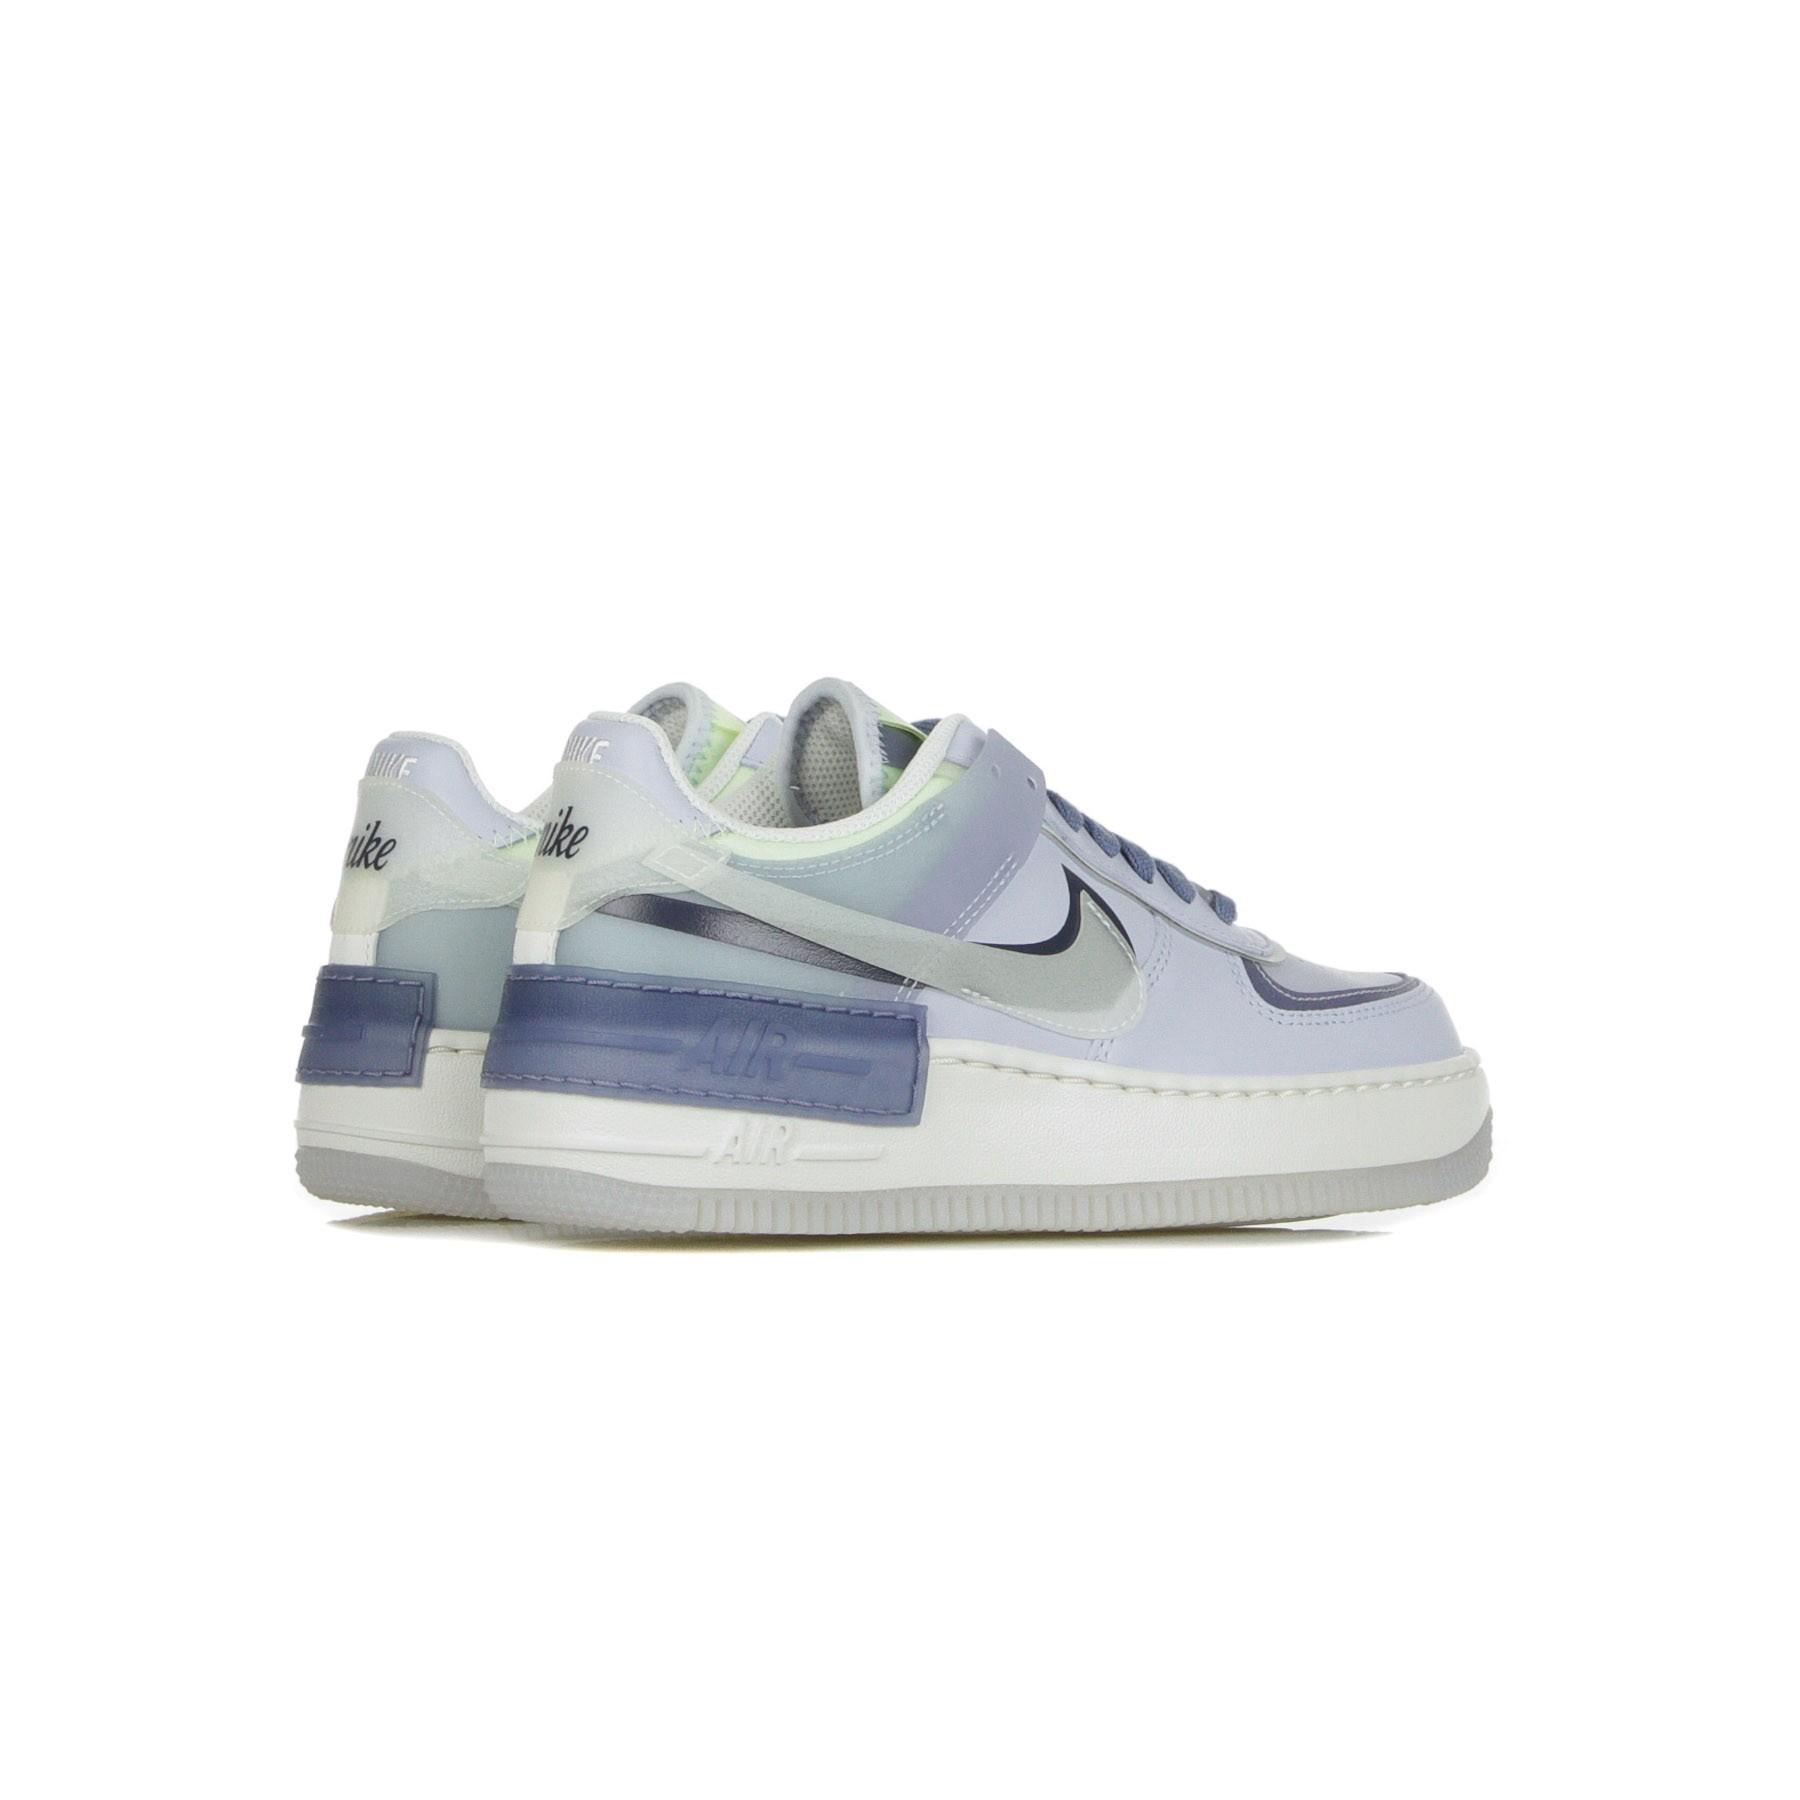 scarpa bassa w air force 1 shadow